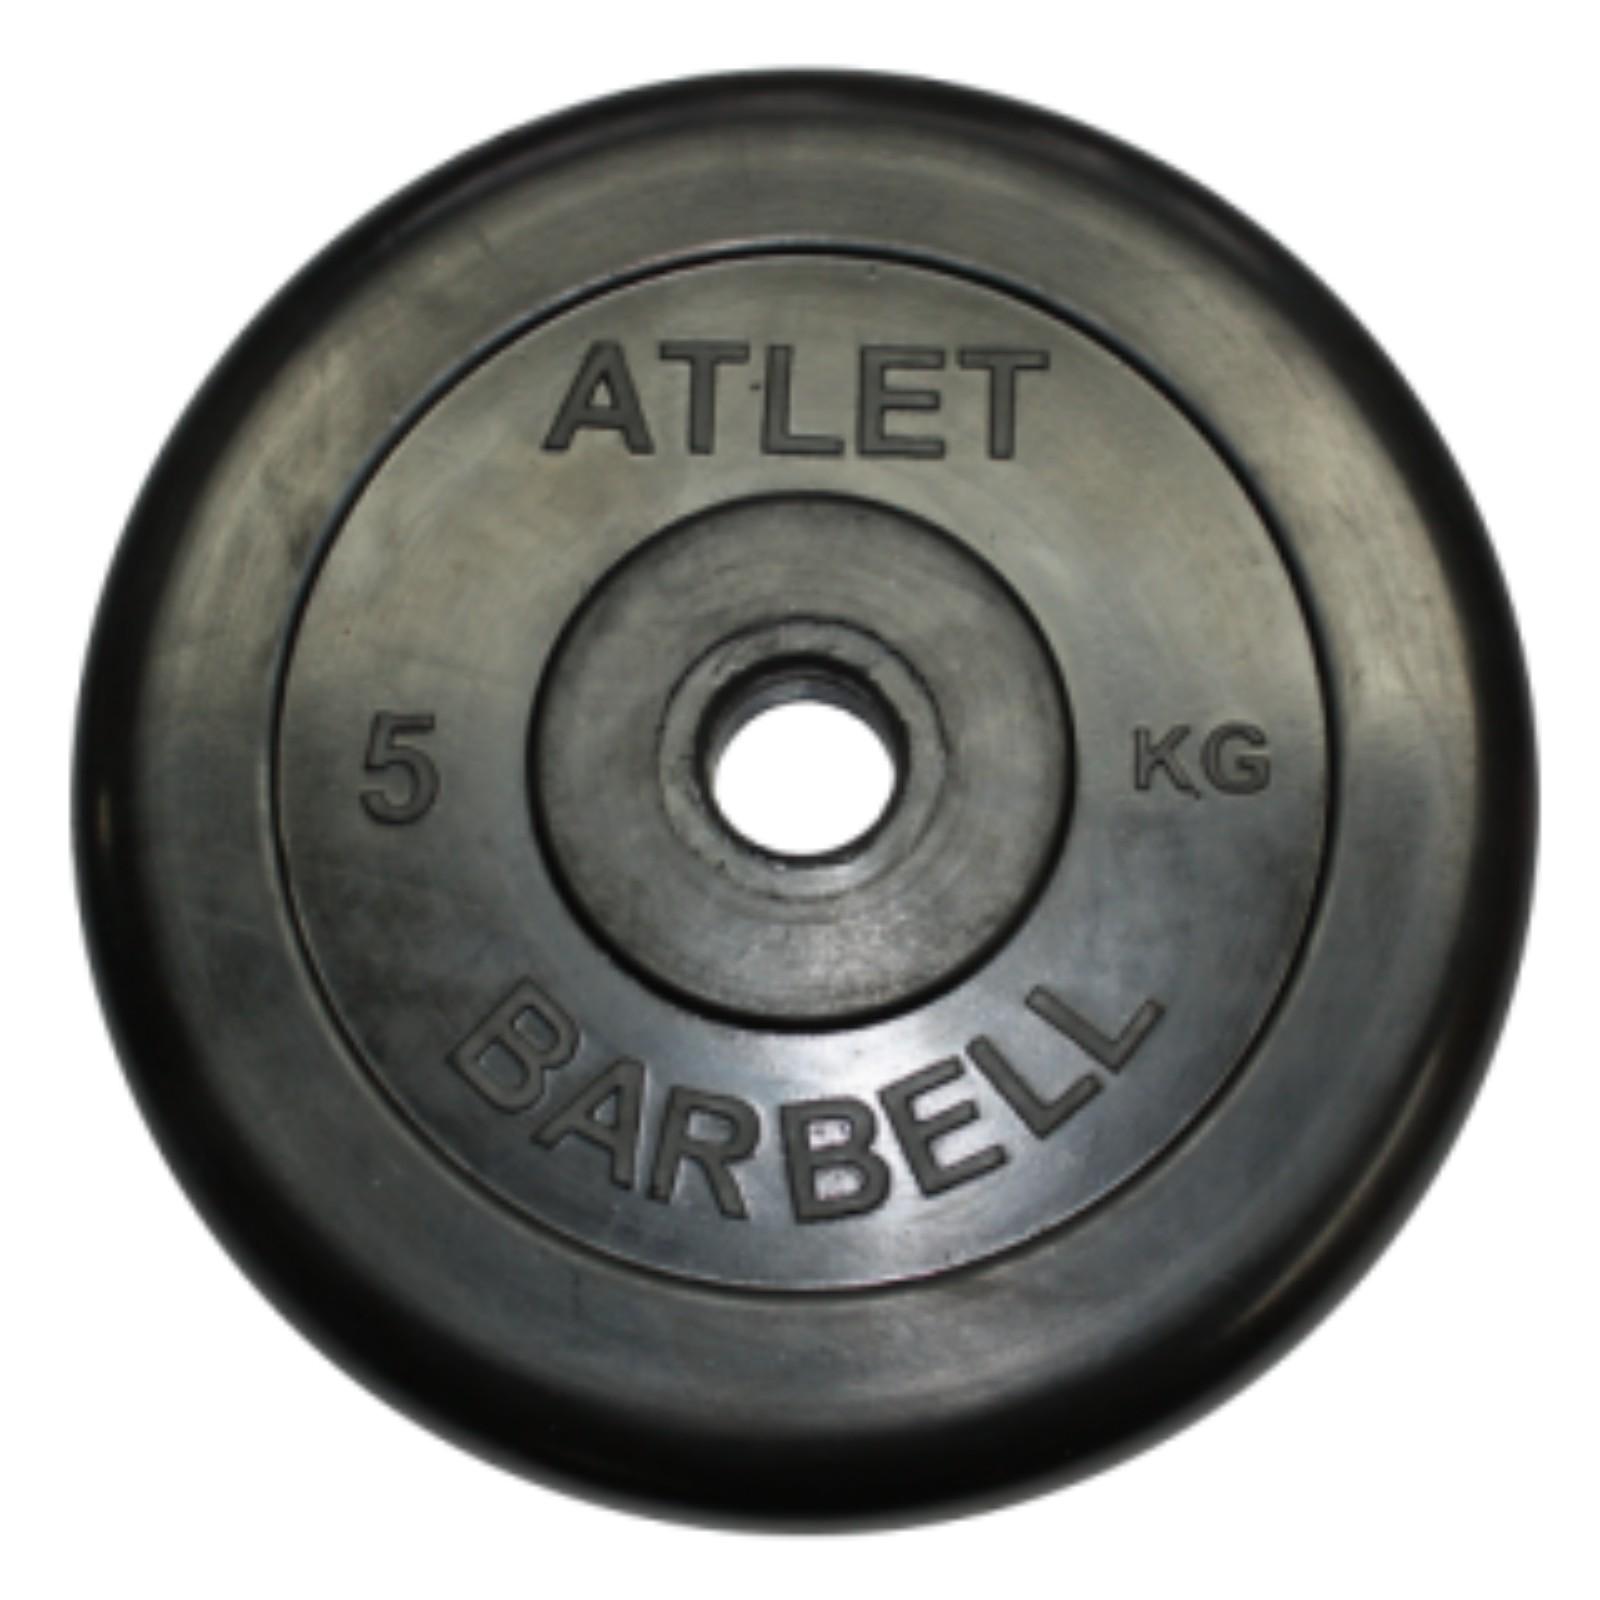 Диски MB BARBELL 5 цена